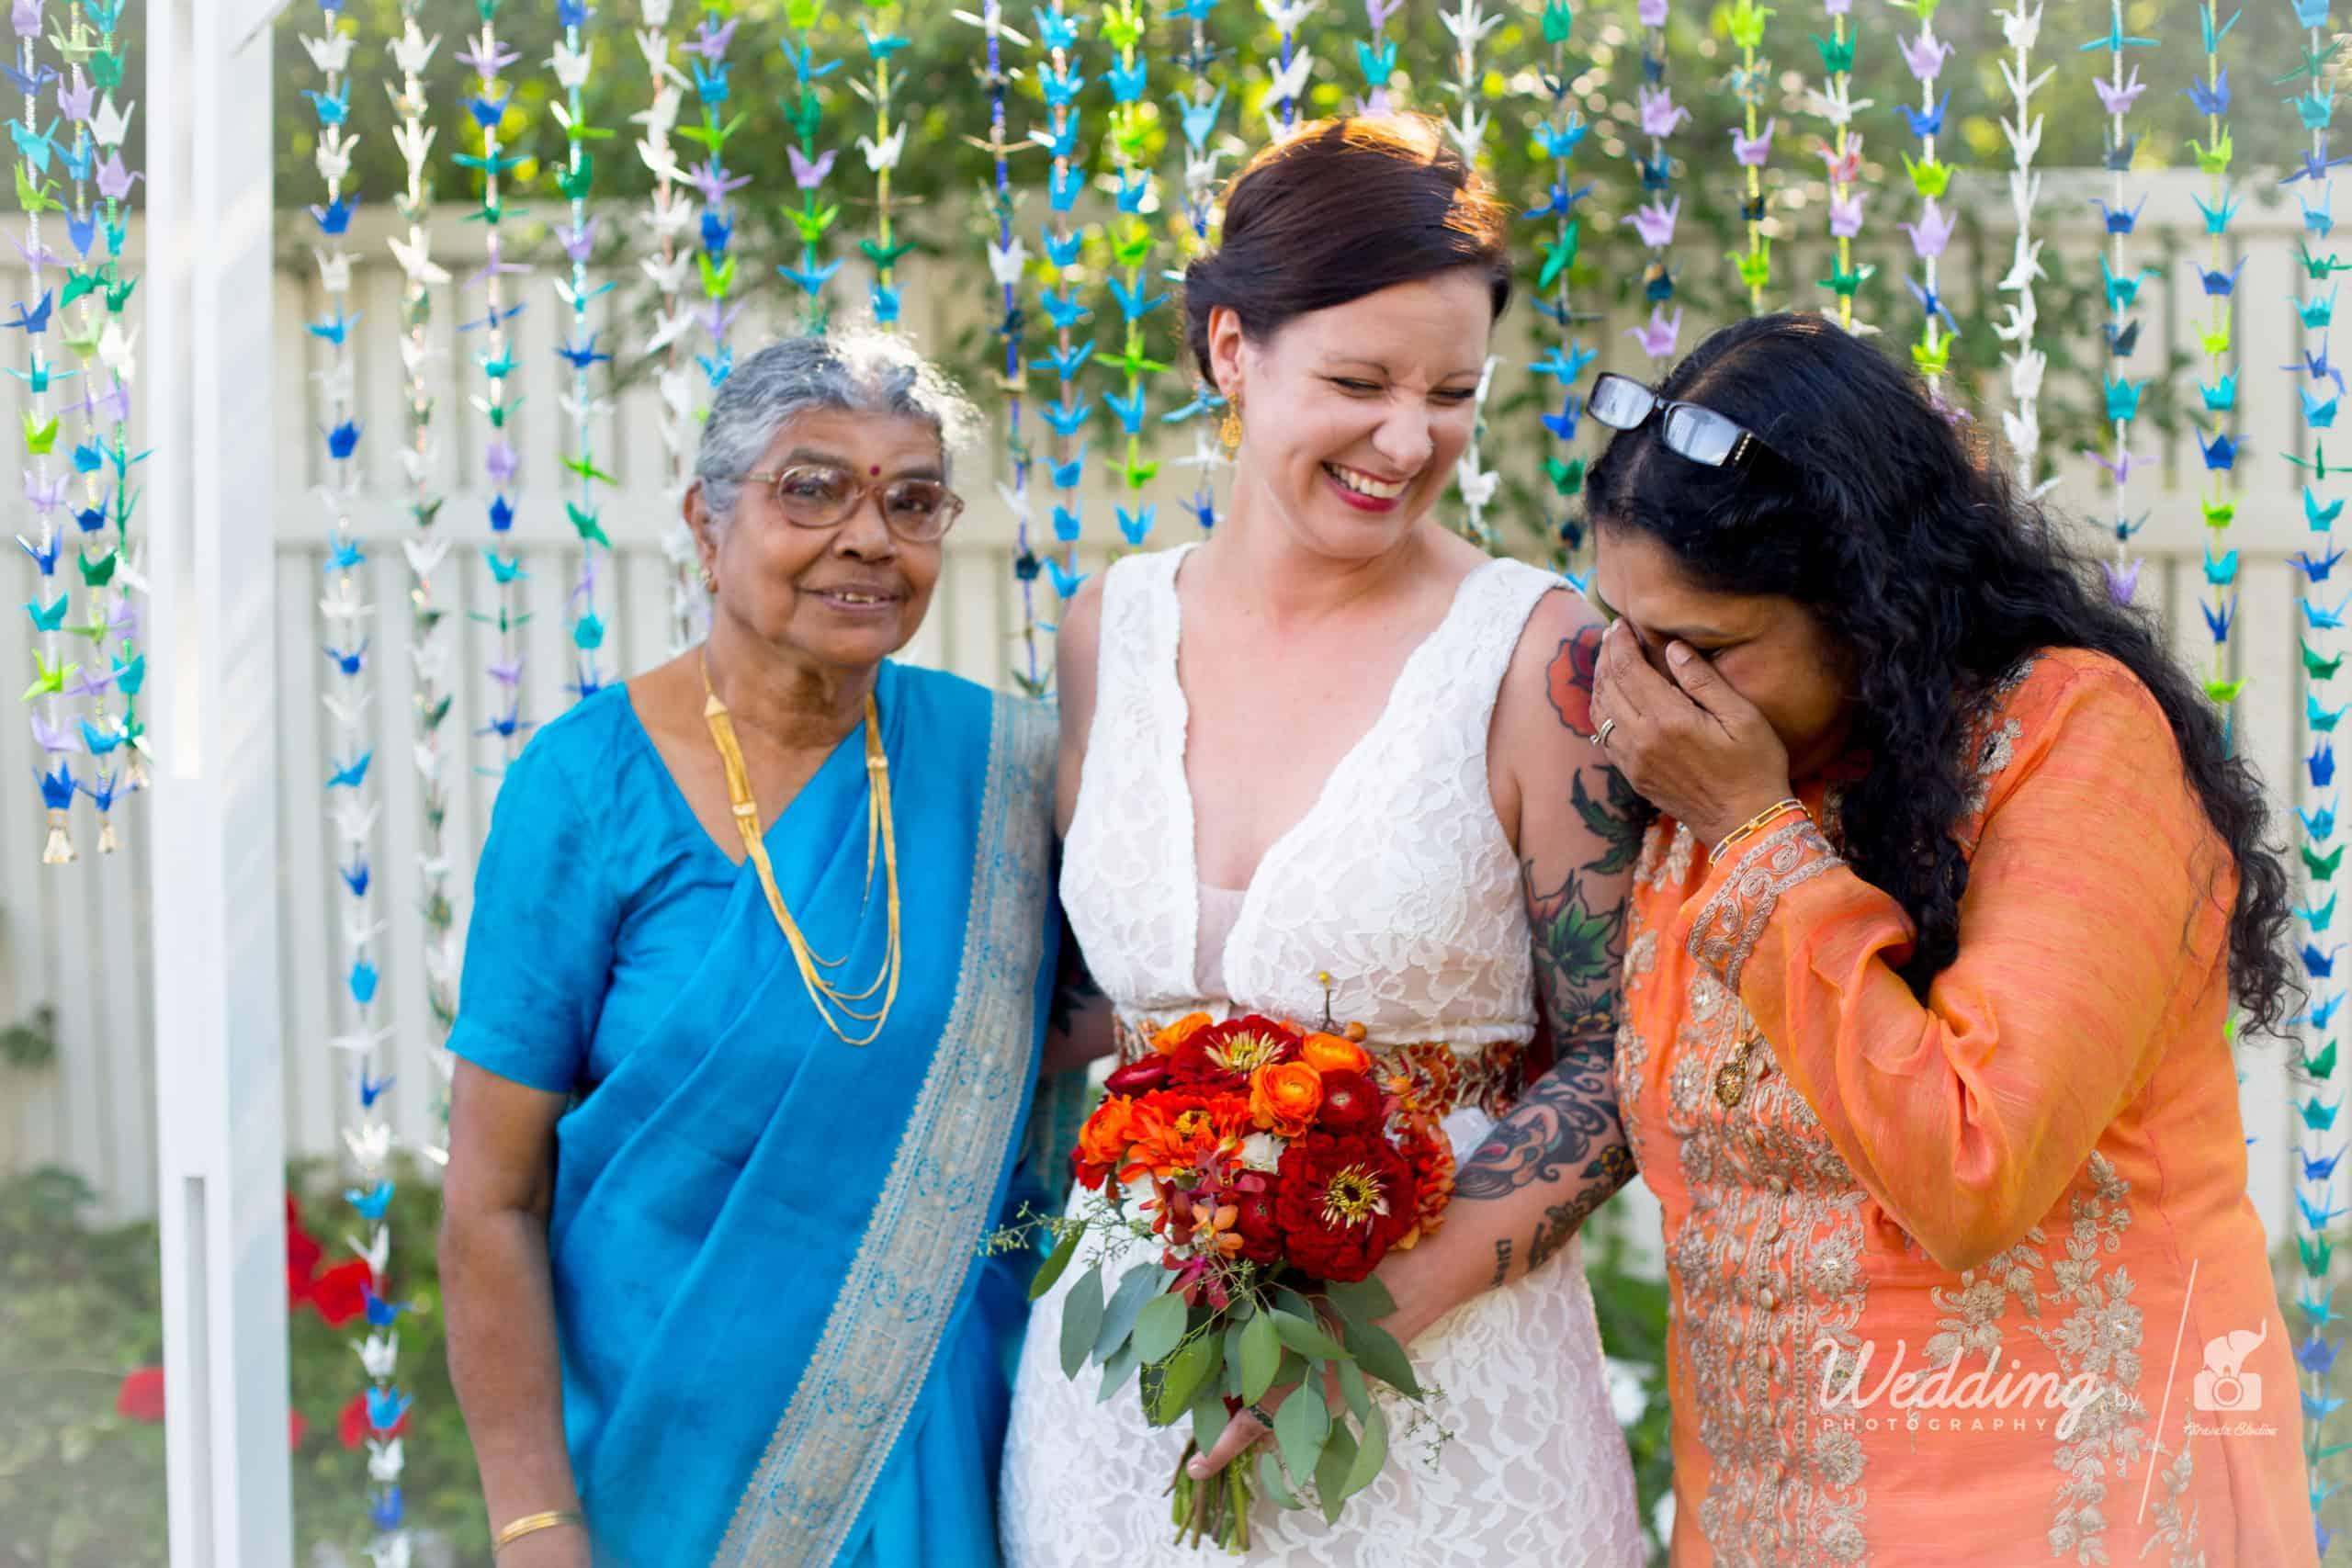 Ann Arbor Wedding Photography36